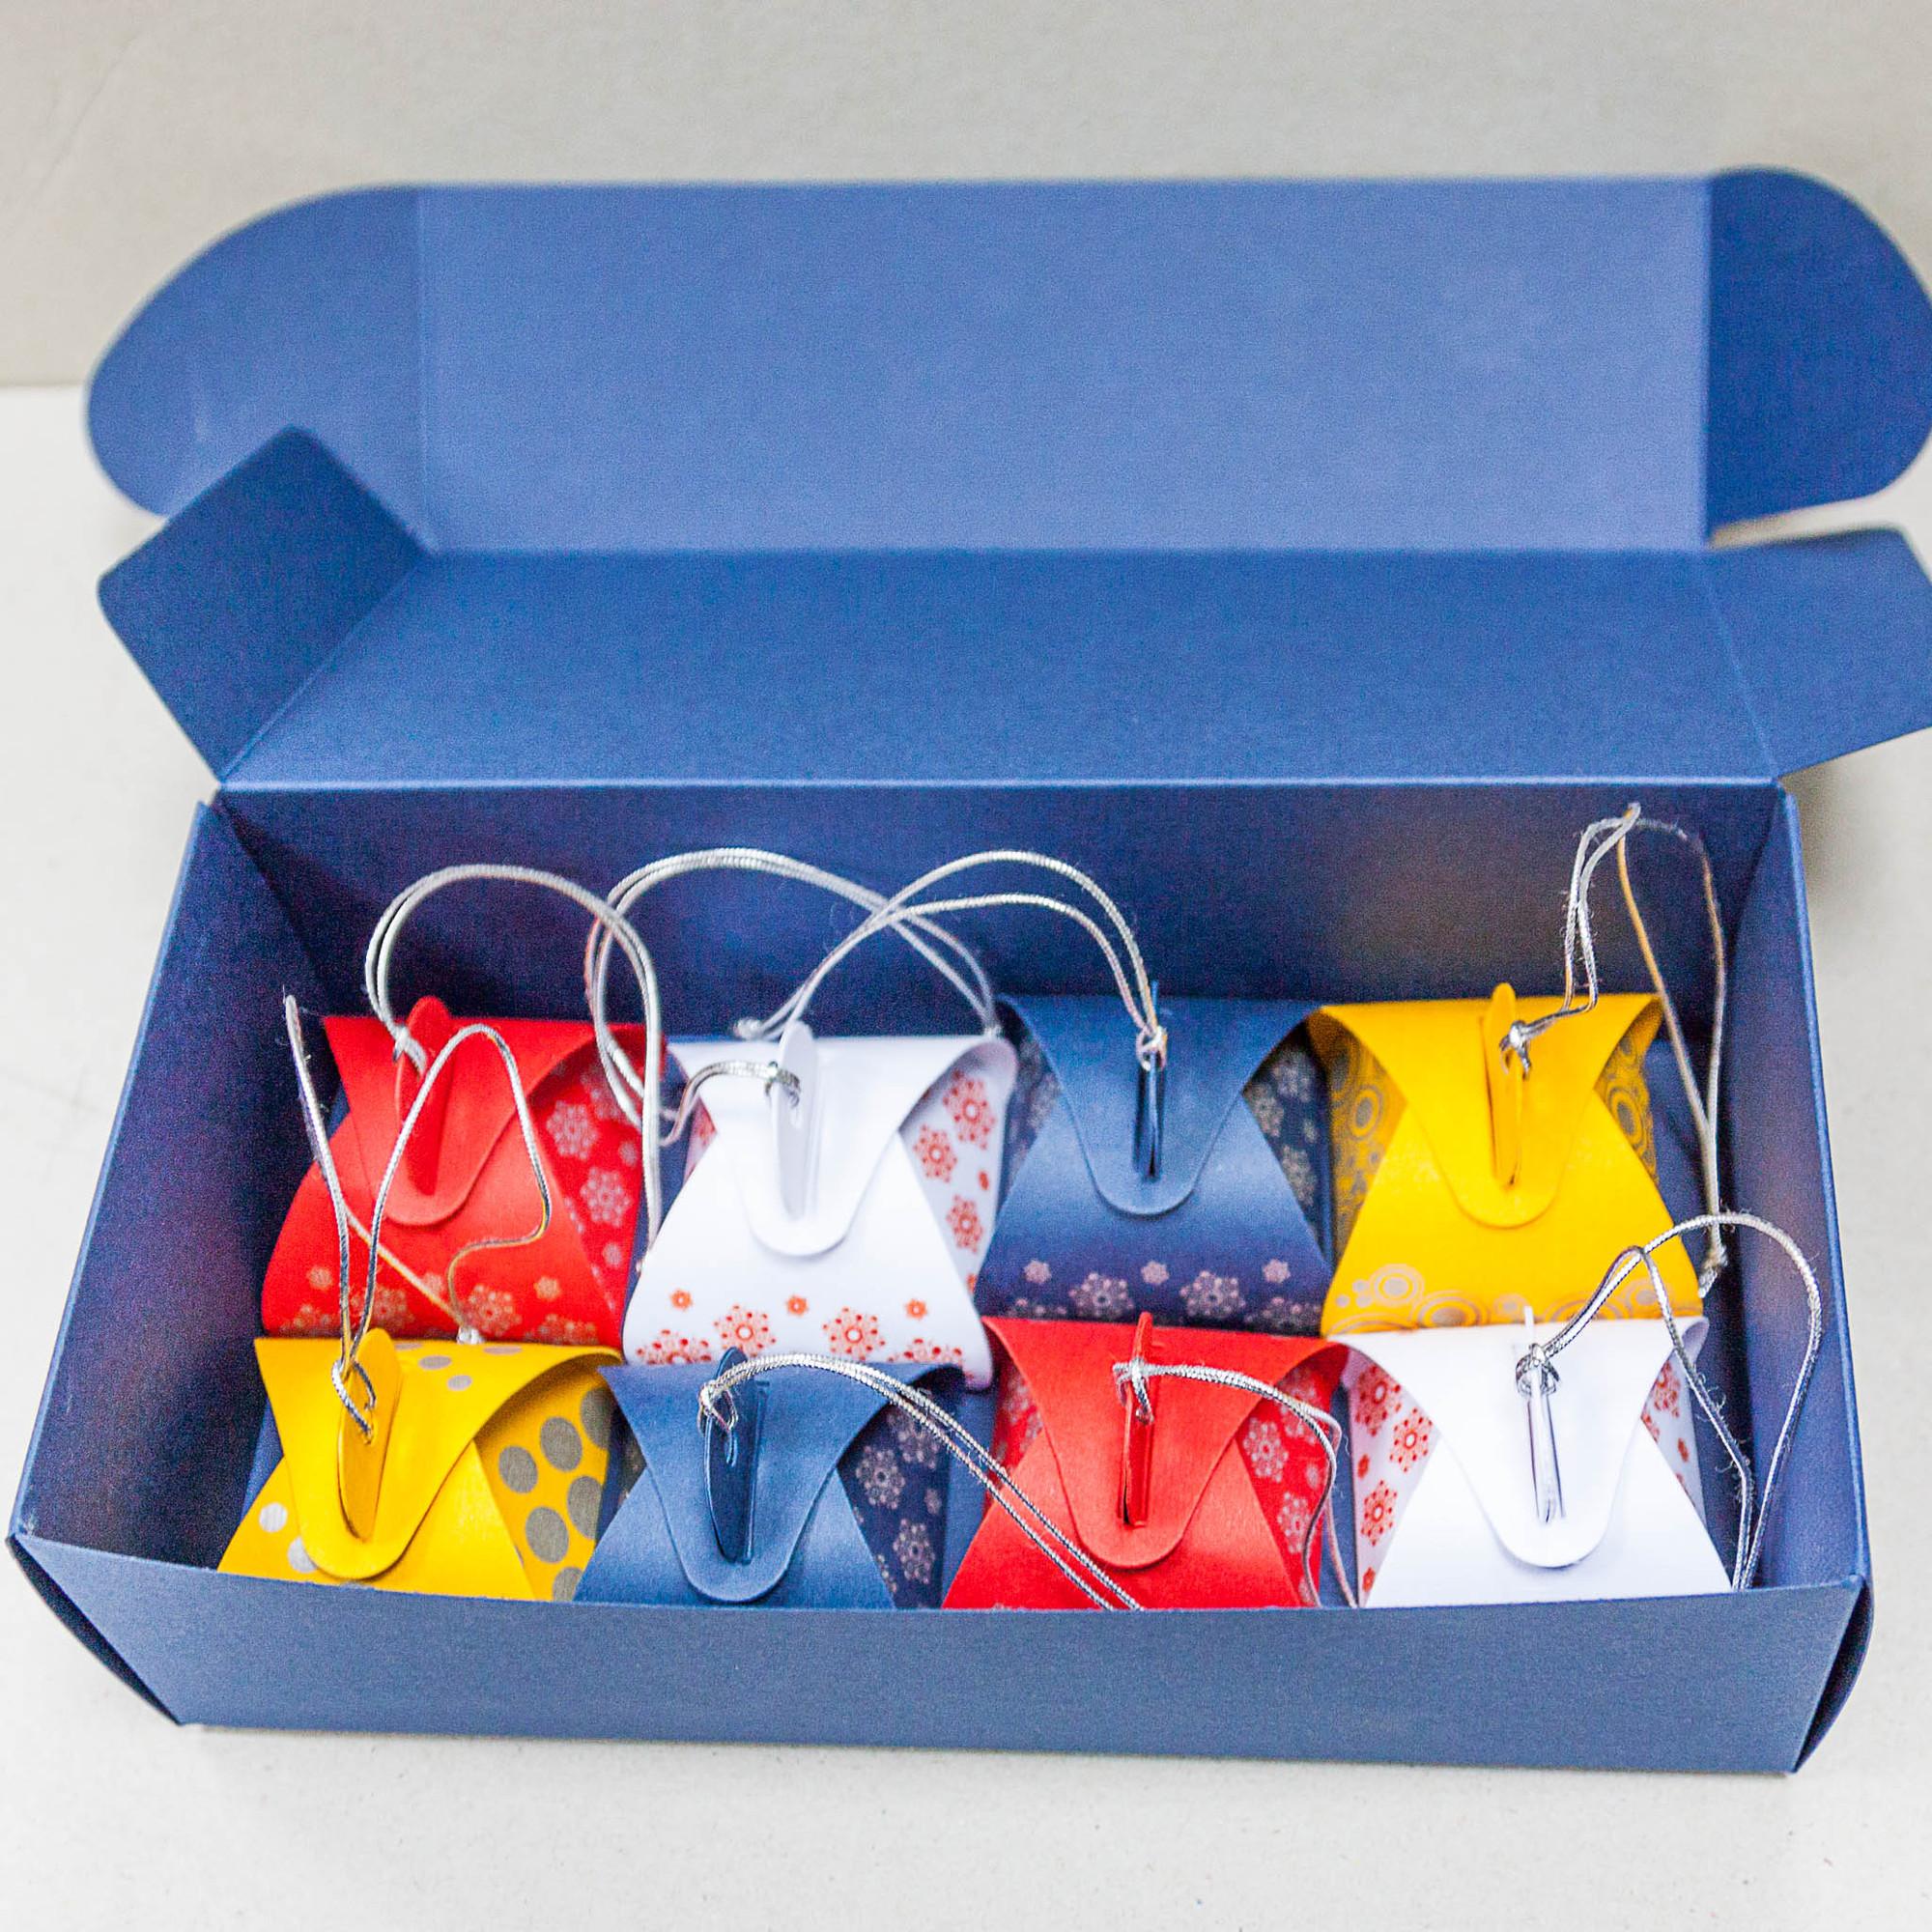 Набор с игрушками для шоколадки из 8-ми штук